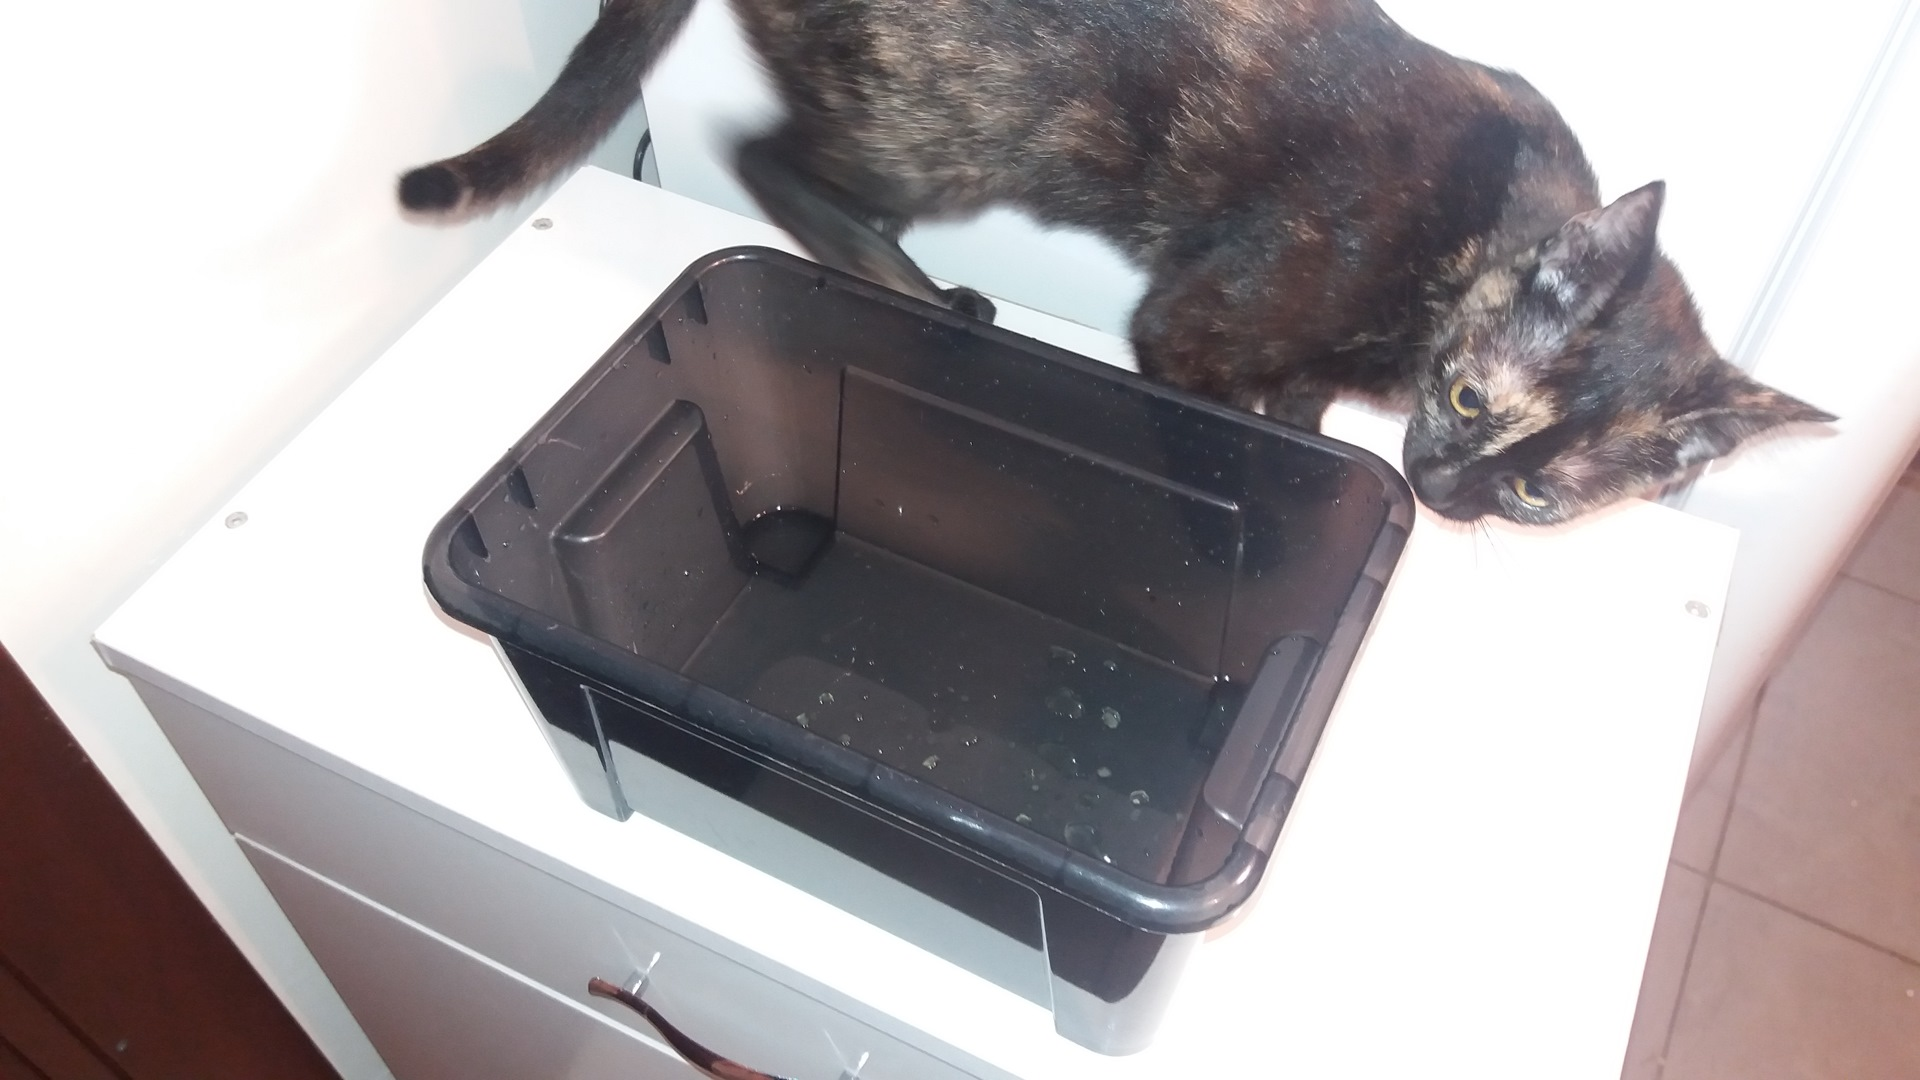 Автопоилка для кошки своими руками - Секрет Мастера 93